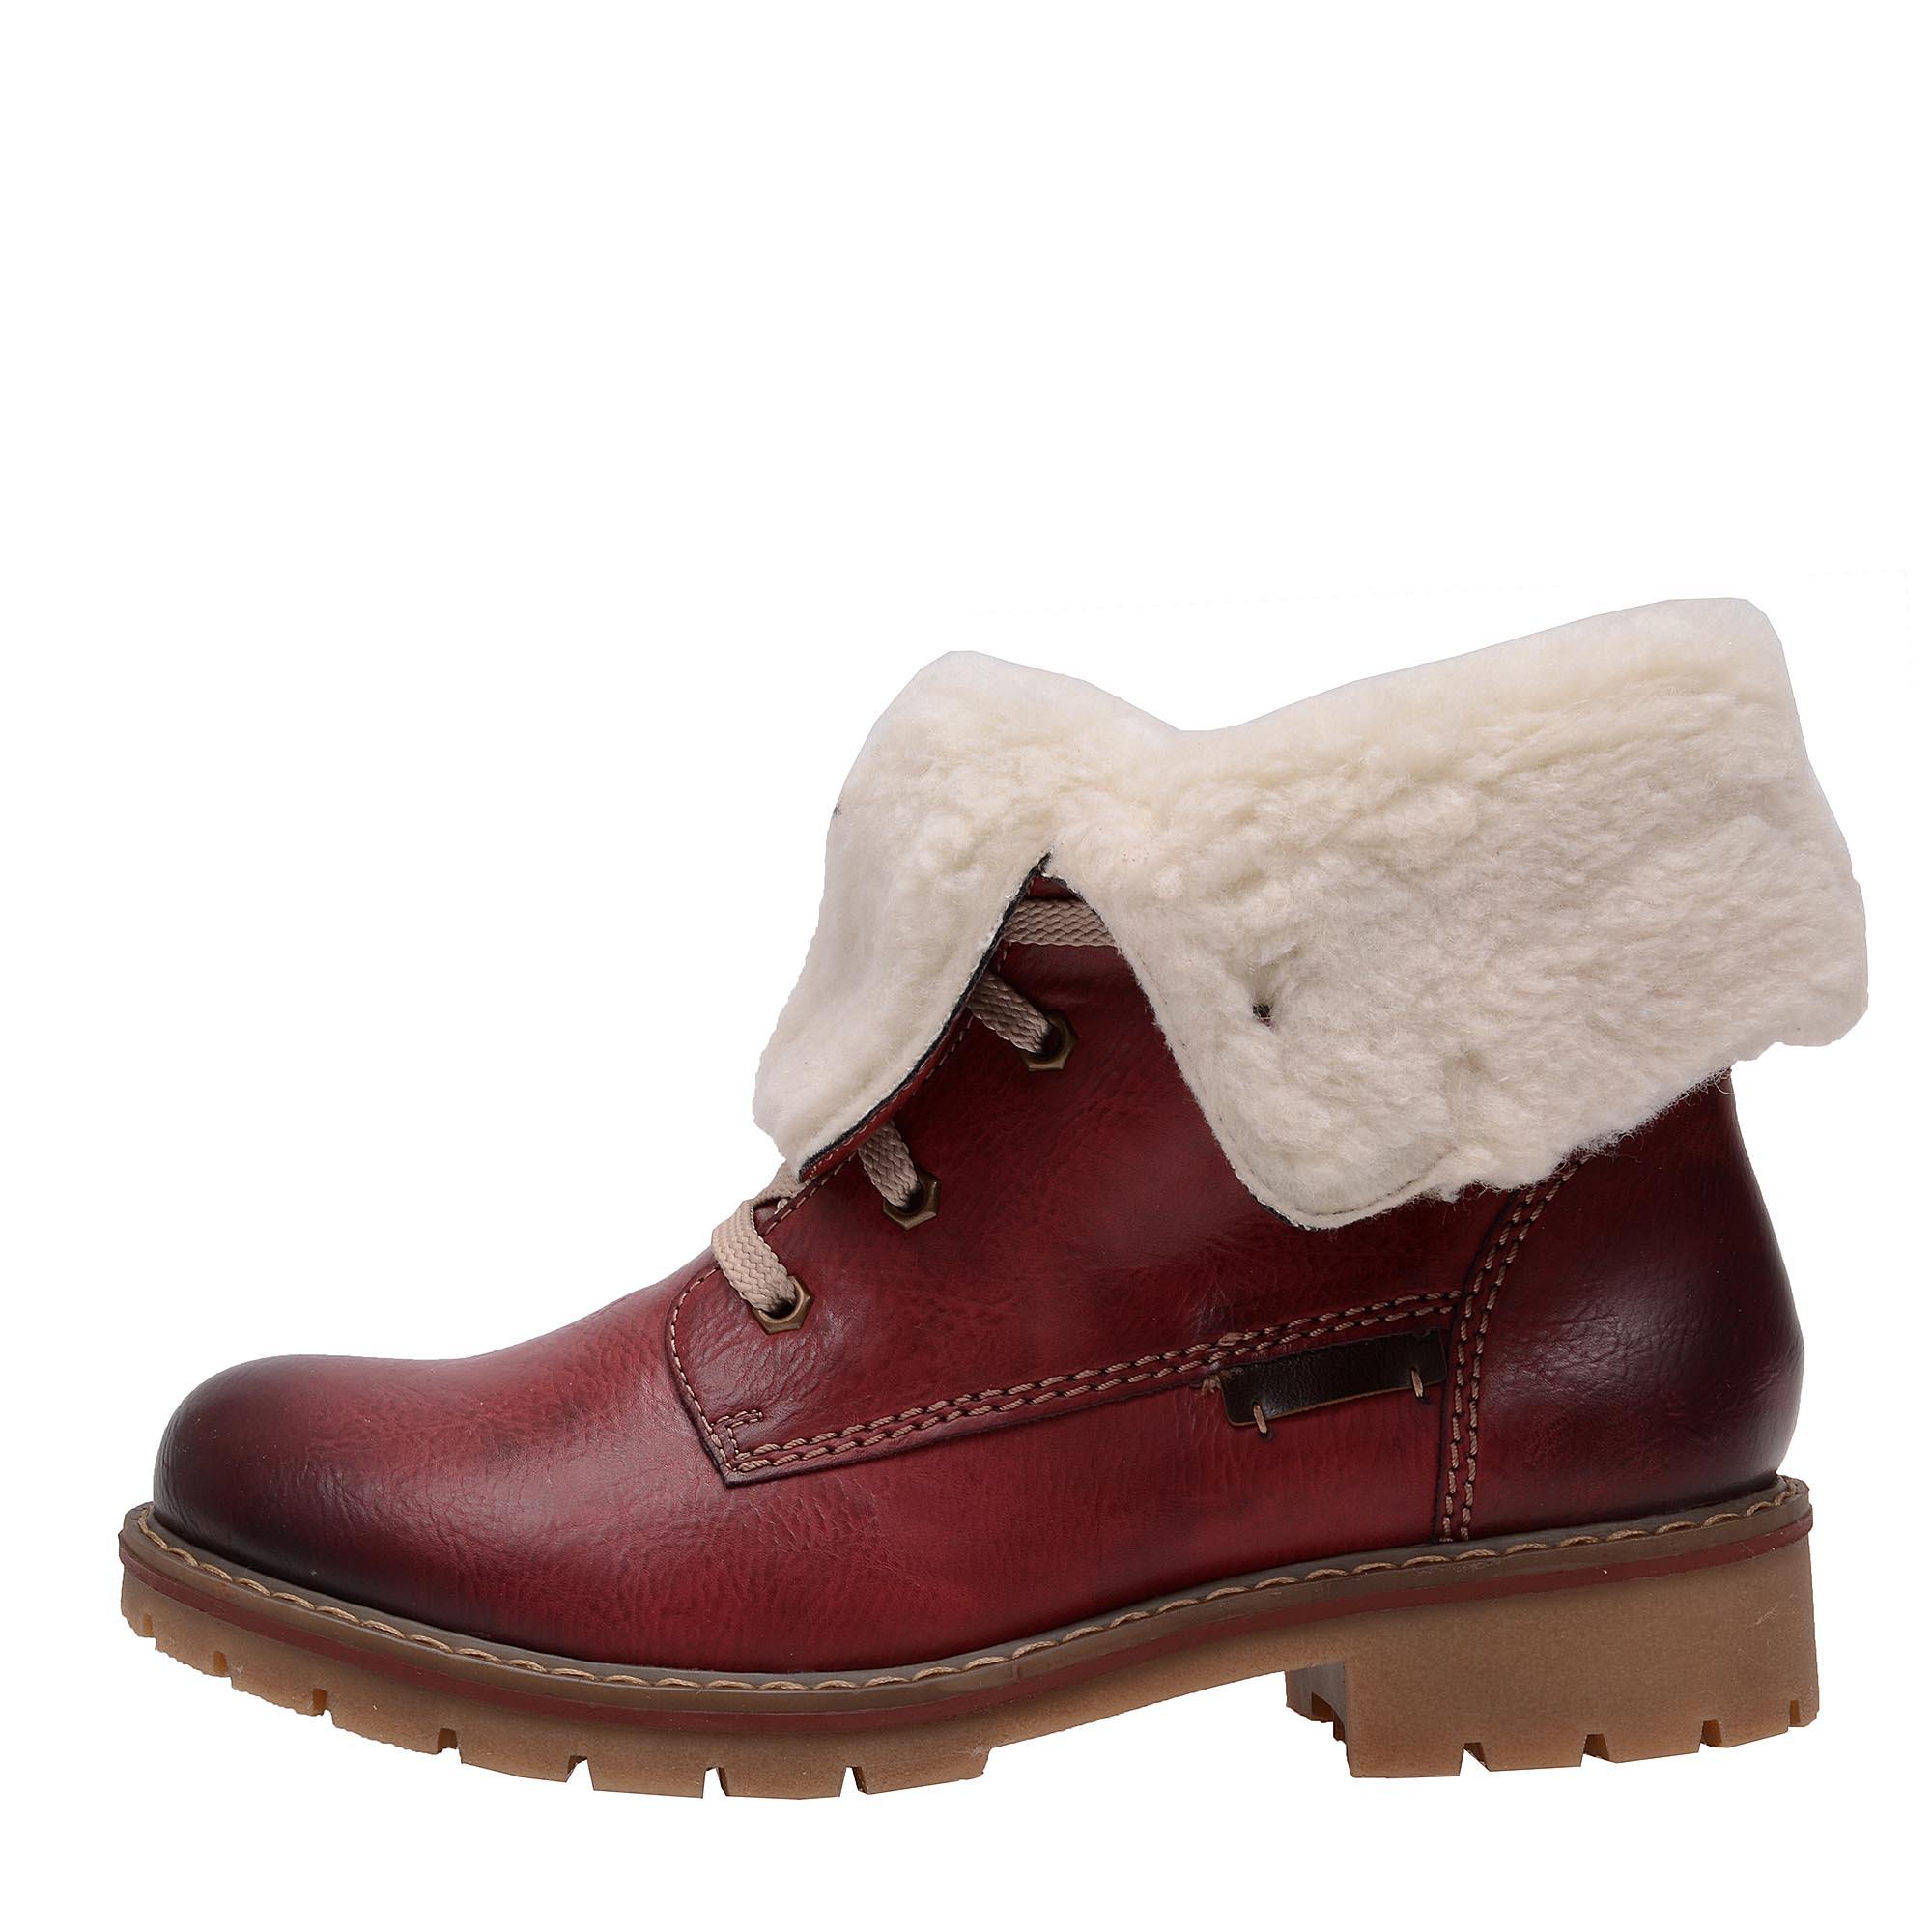 5c858836f4 detail Dámska obuv RIEKER Y9122 35 ROT KOMBI H W 7